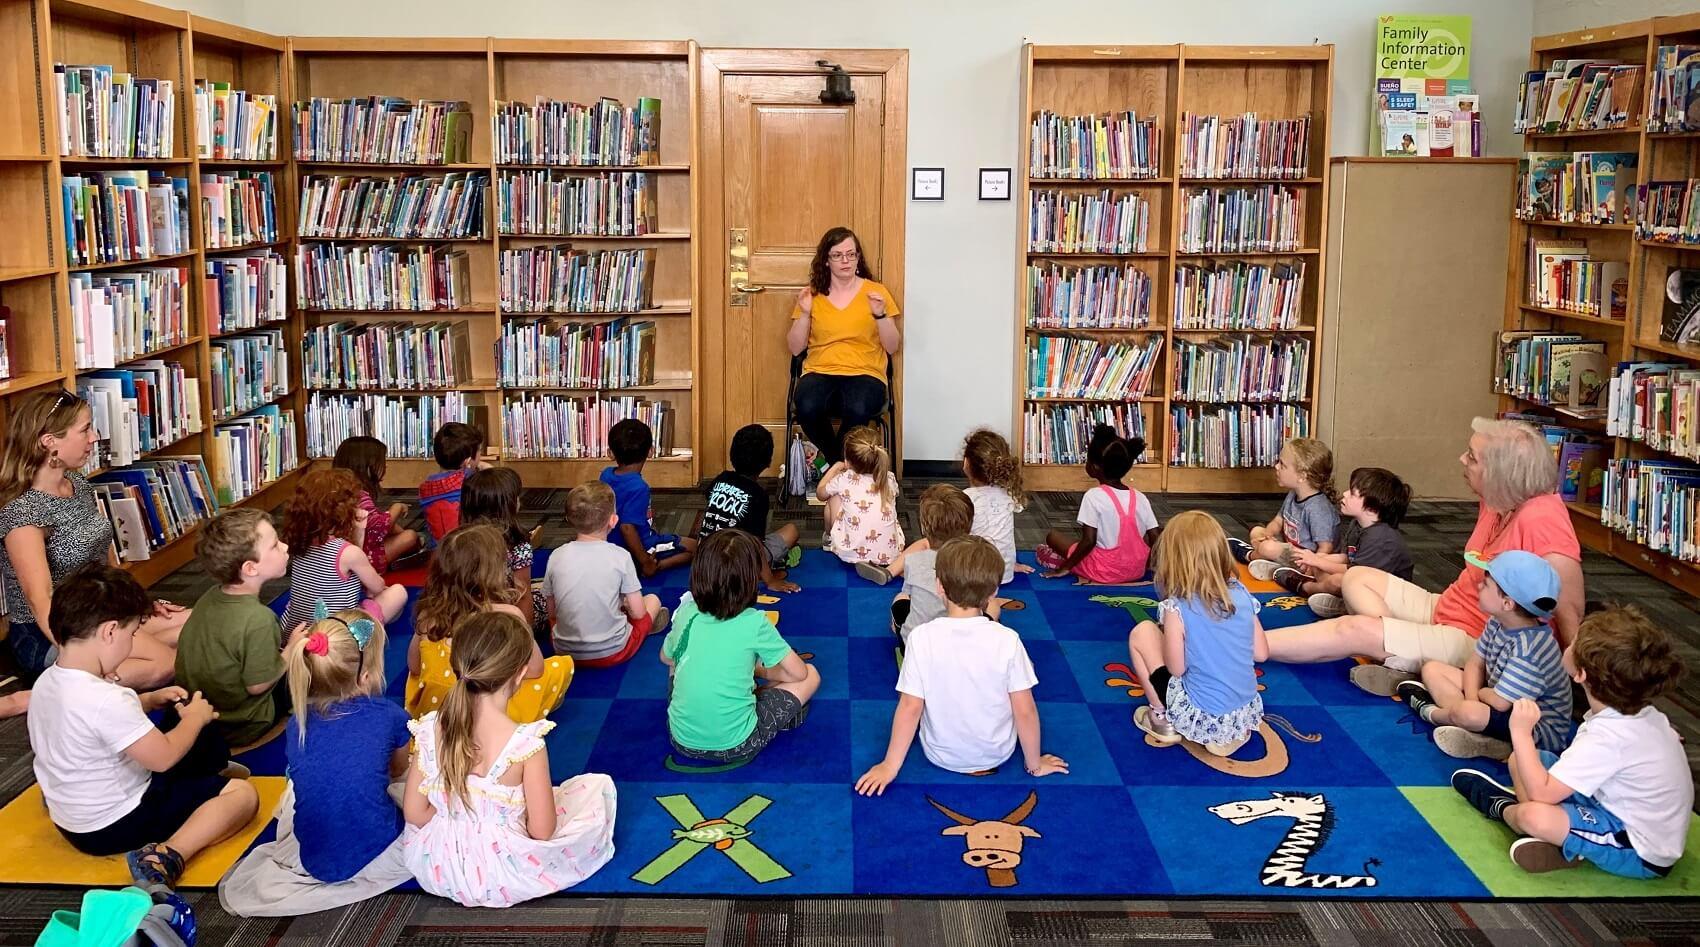 preschool in library